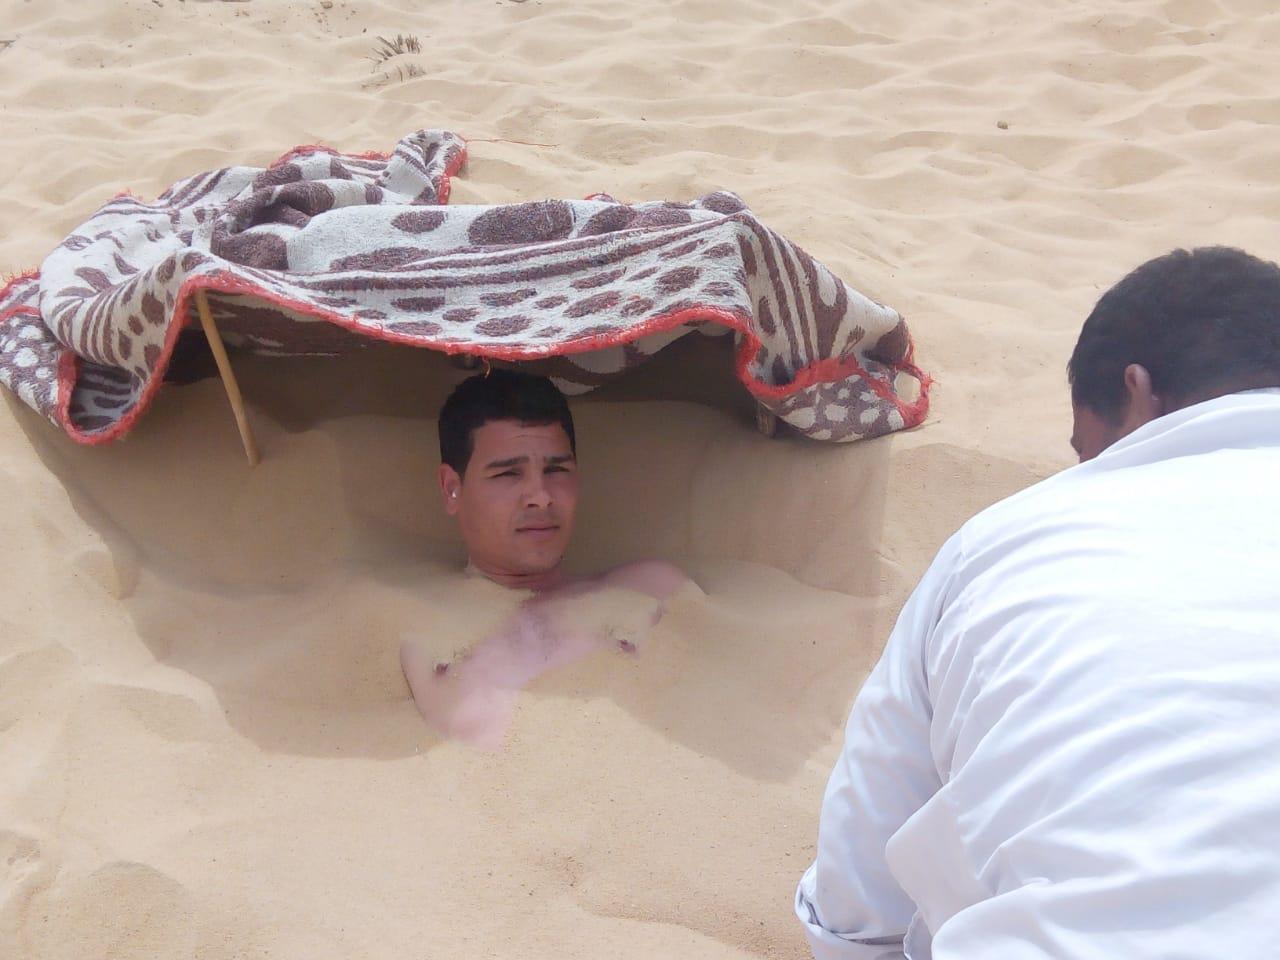 أحد الشباب من محافظة البحيرة حضر للعلاج برمال سيوة